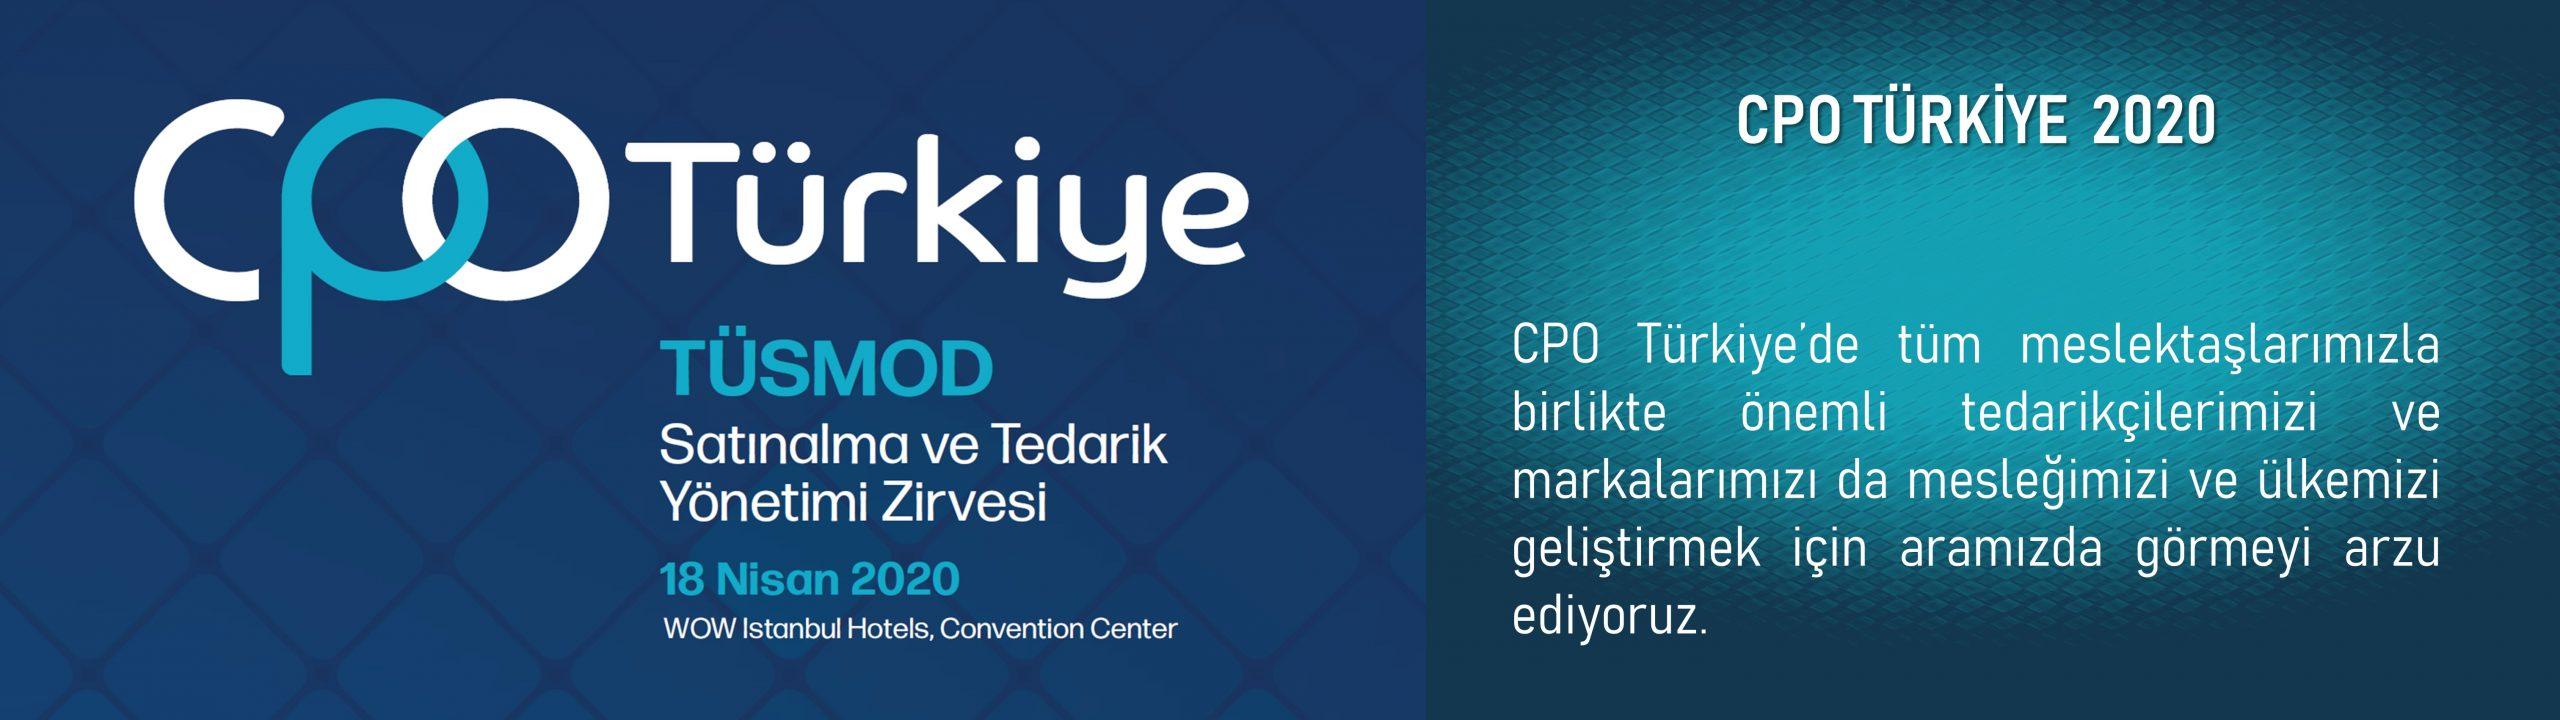 CPO Türkiye 2020